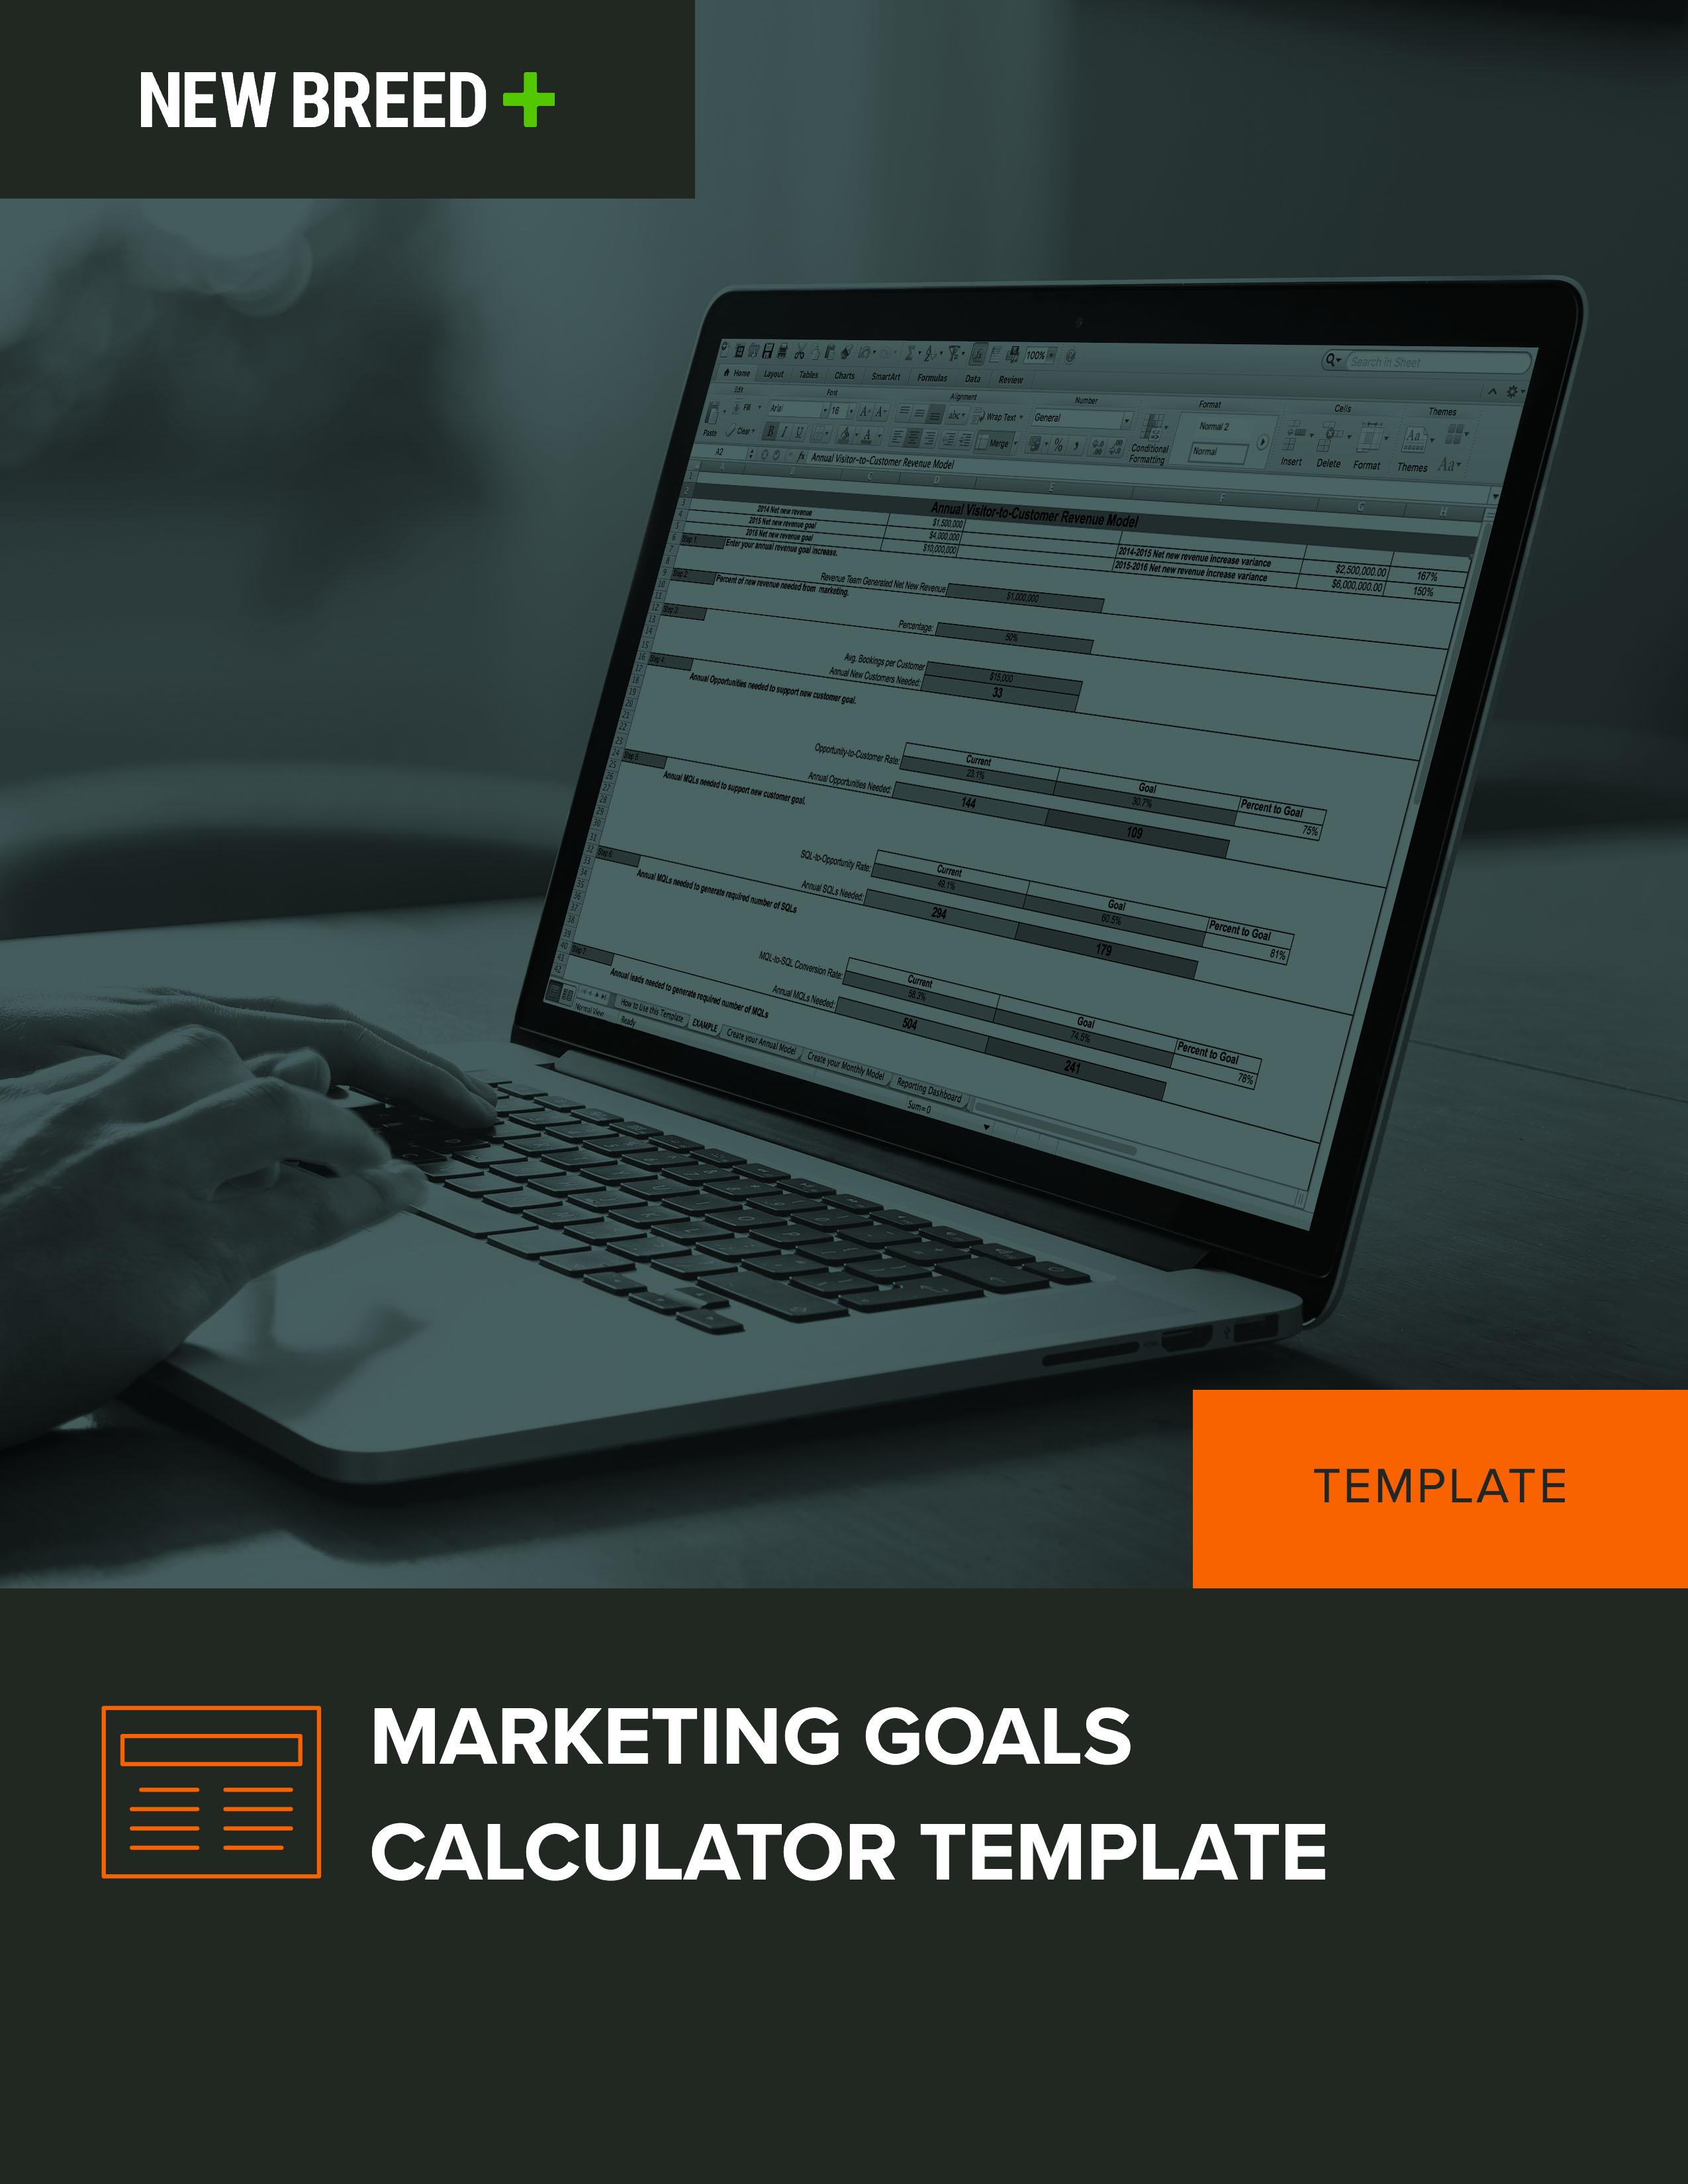 Marketing goals calculator template.jpg